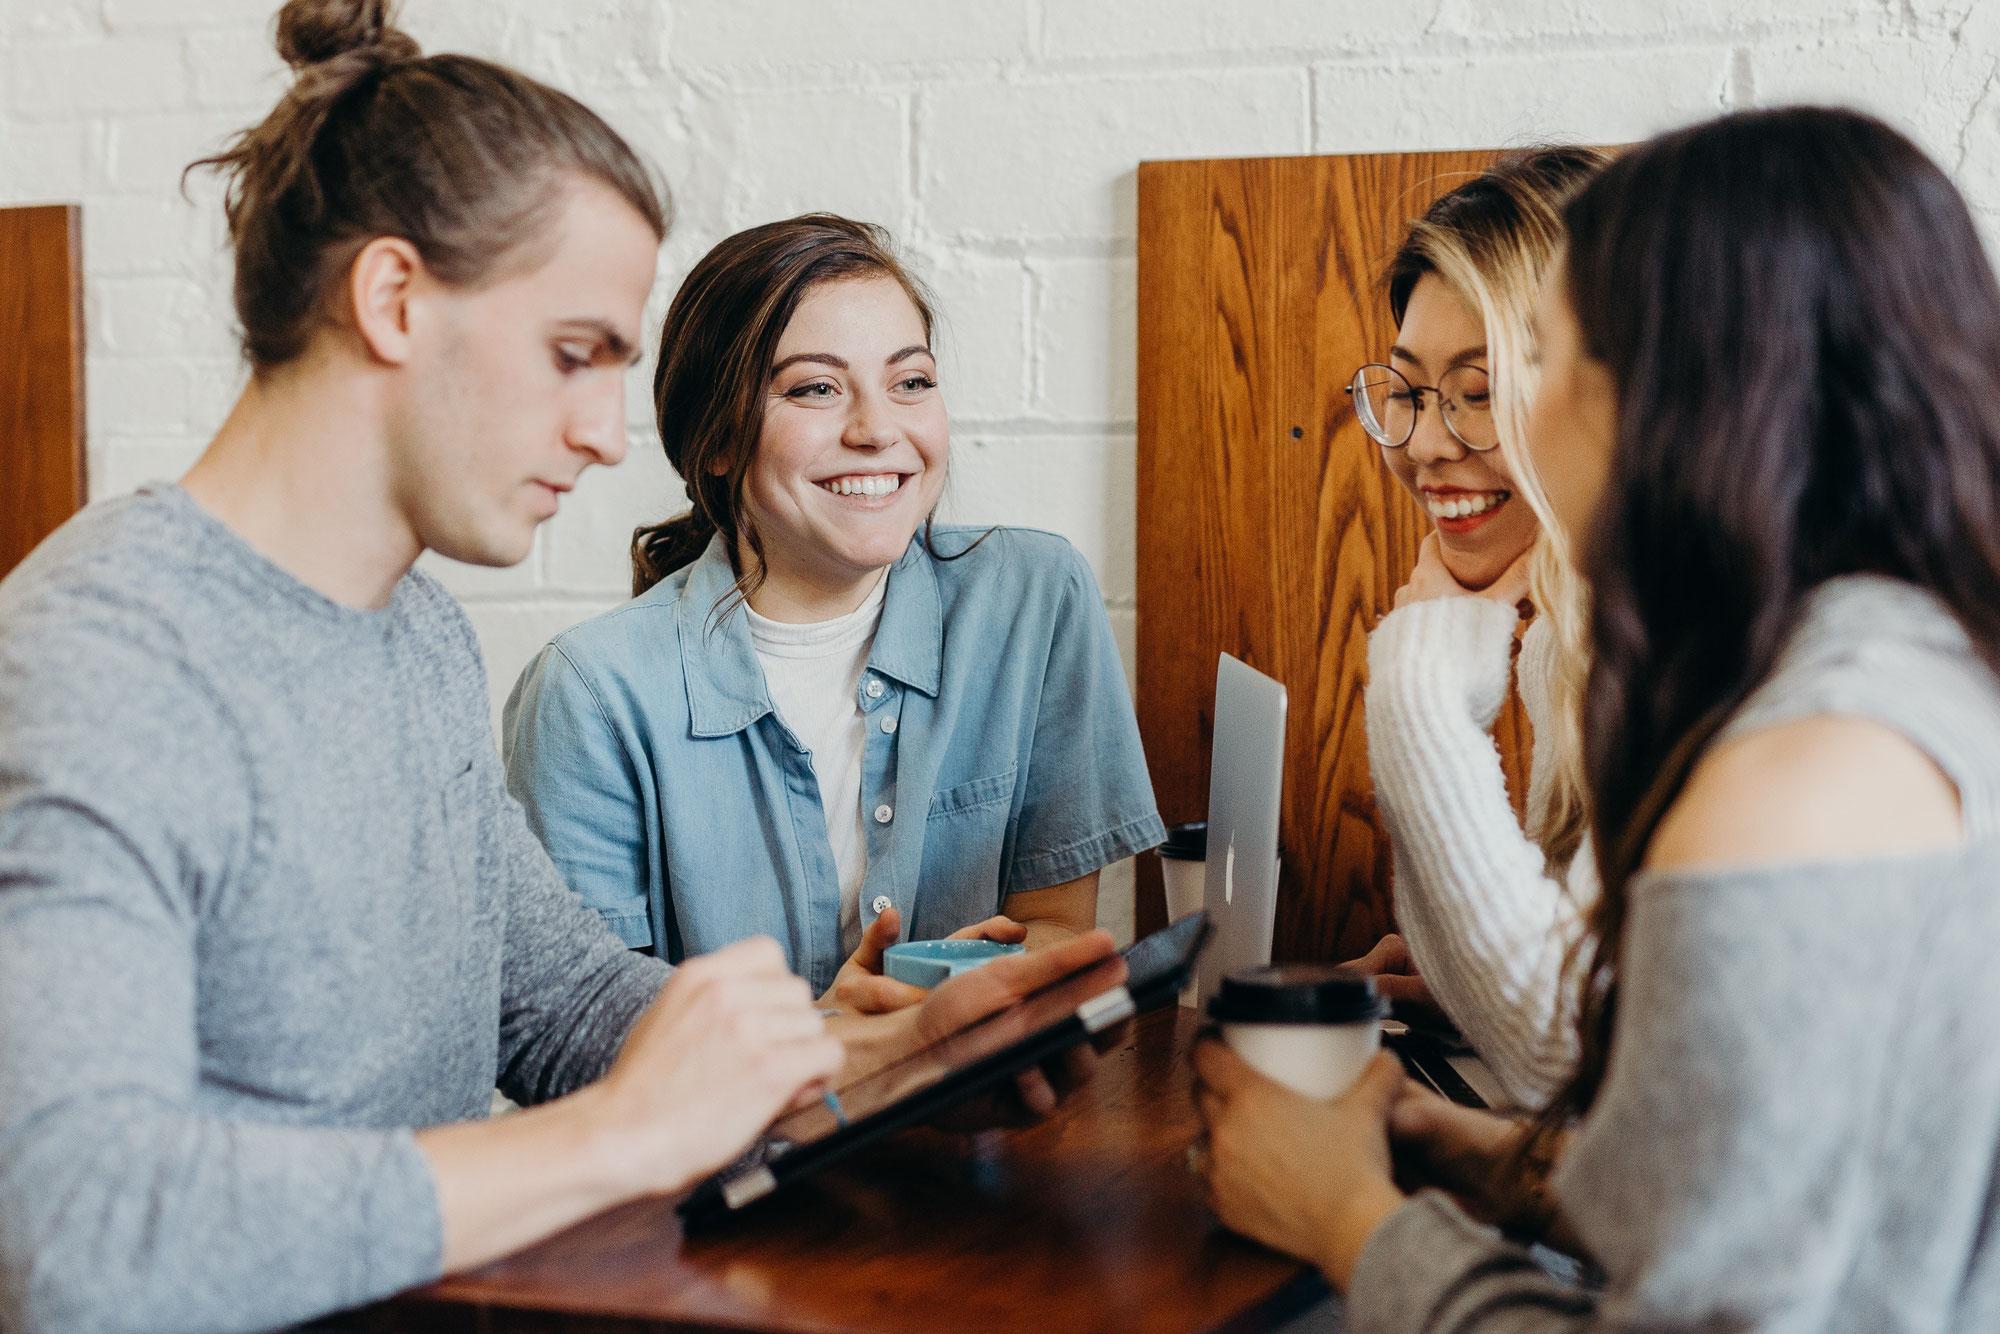 Studierende und Schüler*innen: Warum gerade diese Zielgruppe von der Berufsunfähigkeits-Versicherung profitiert